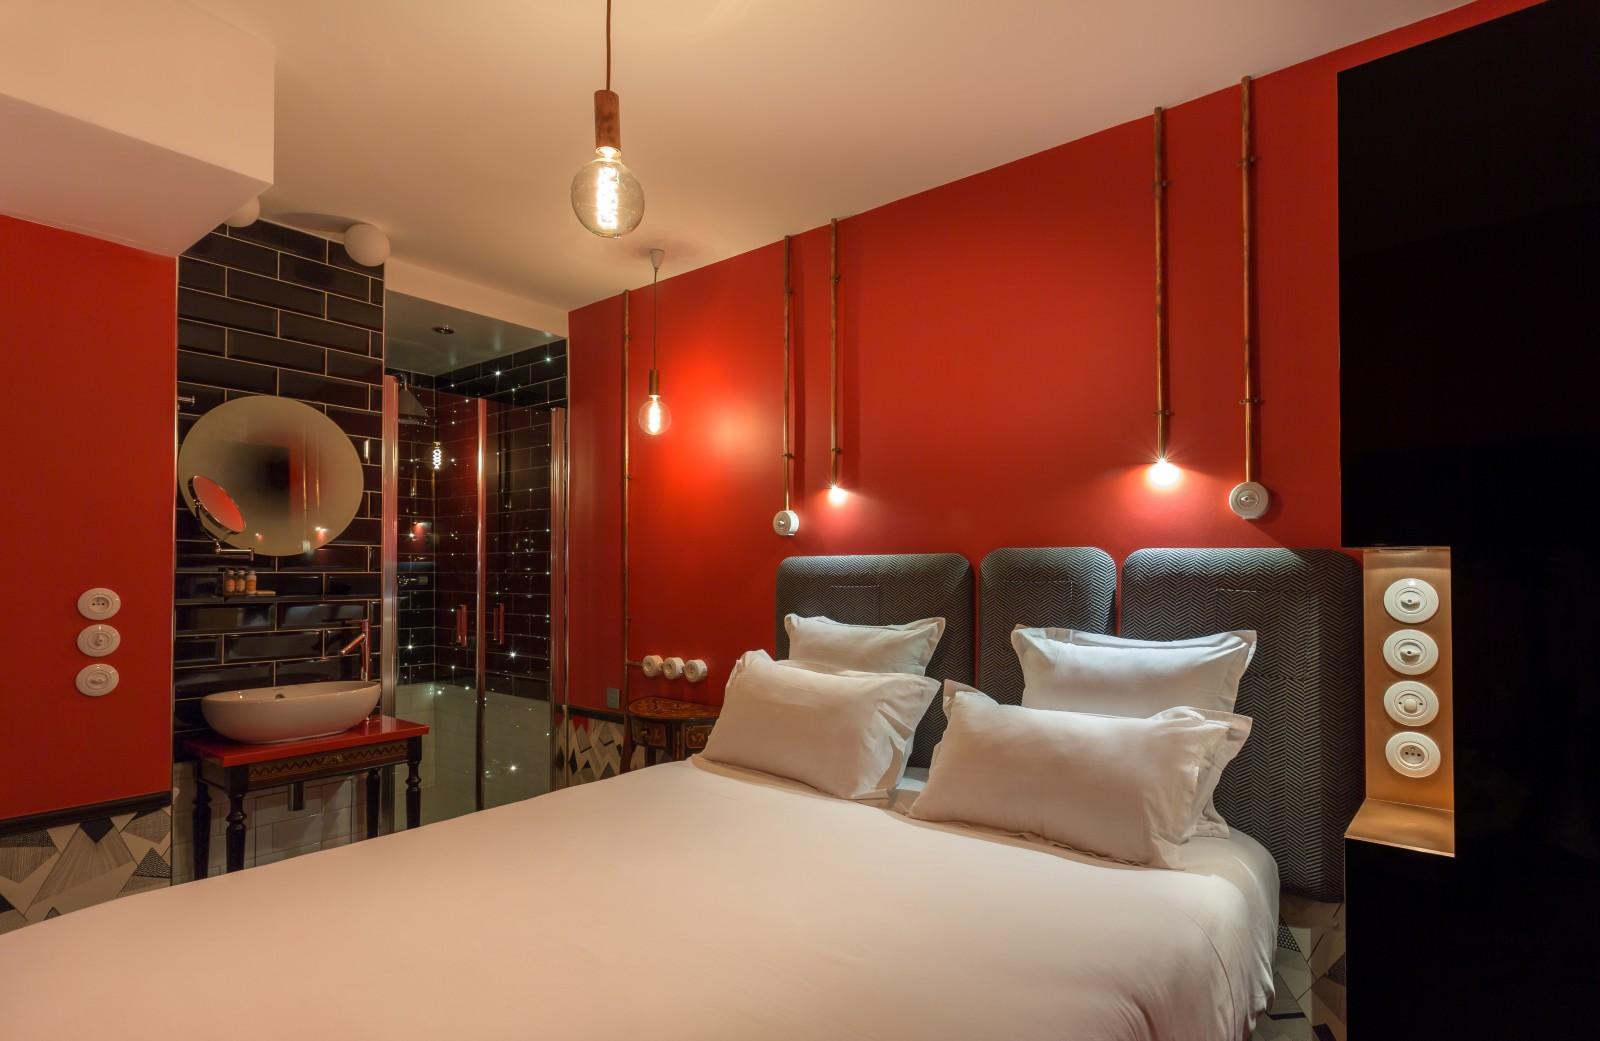 Hotel exquis sur h tel paris for Trouver un hotel a paris